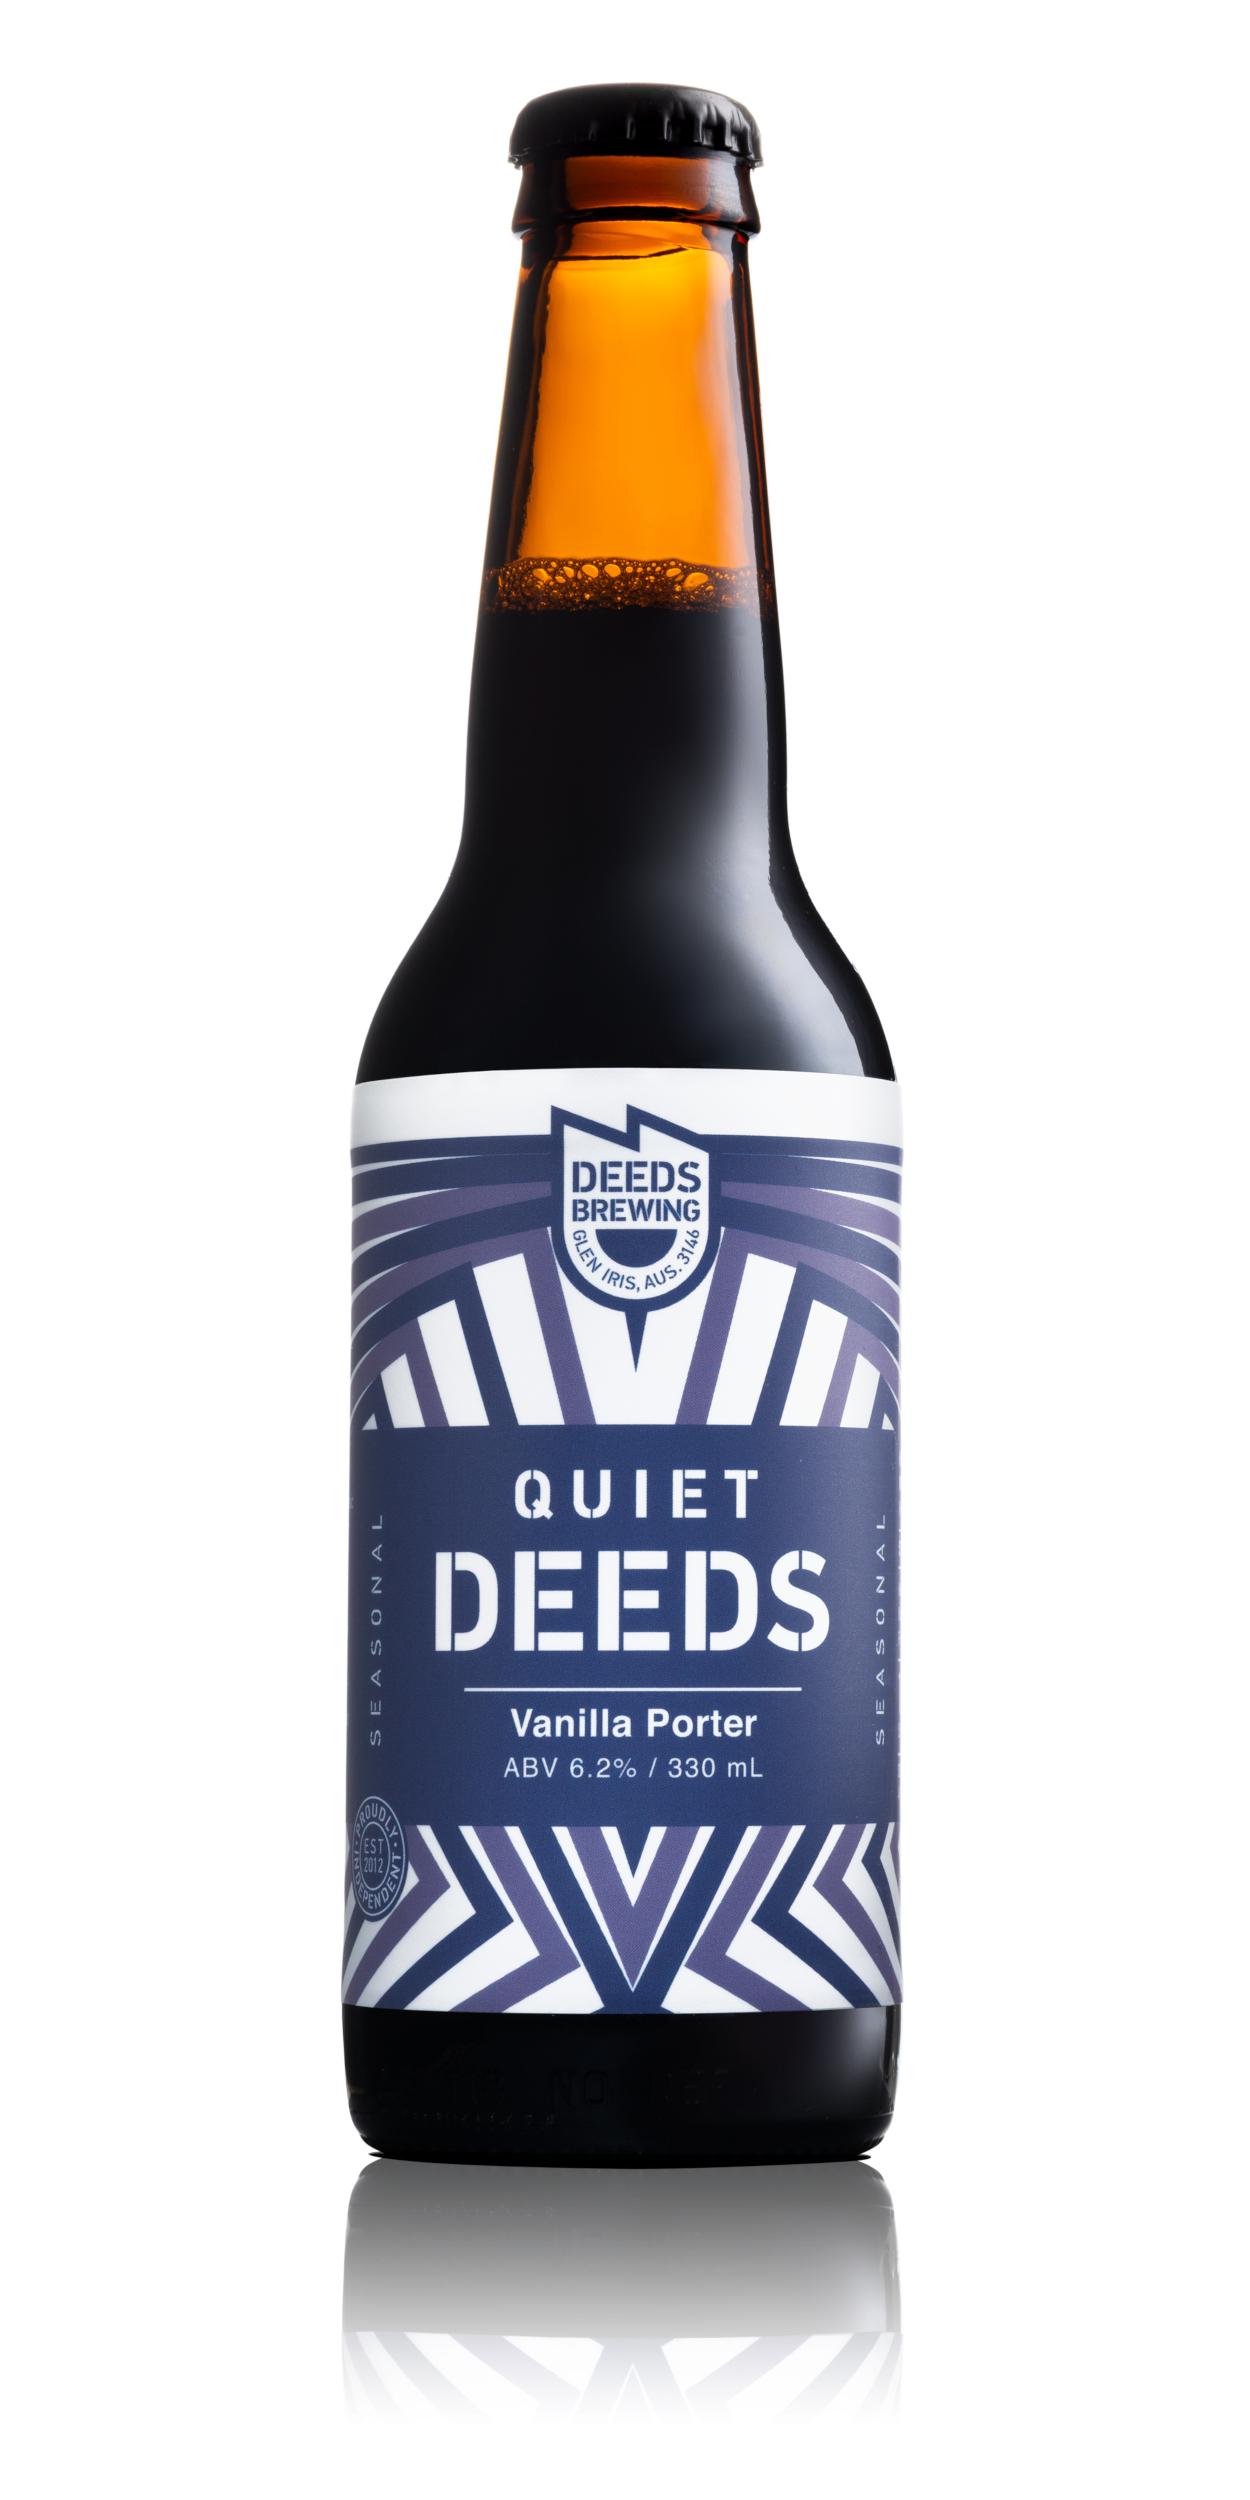 Quiet_Deeds-Bottle_Reflection-Vanilla.jpg